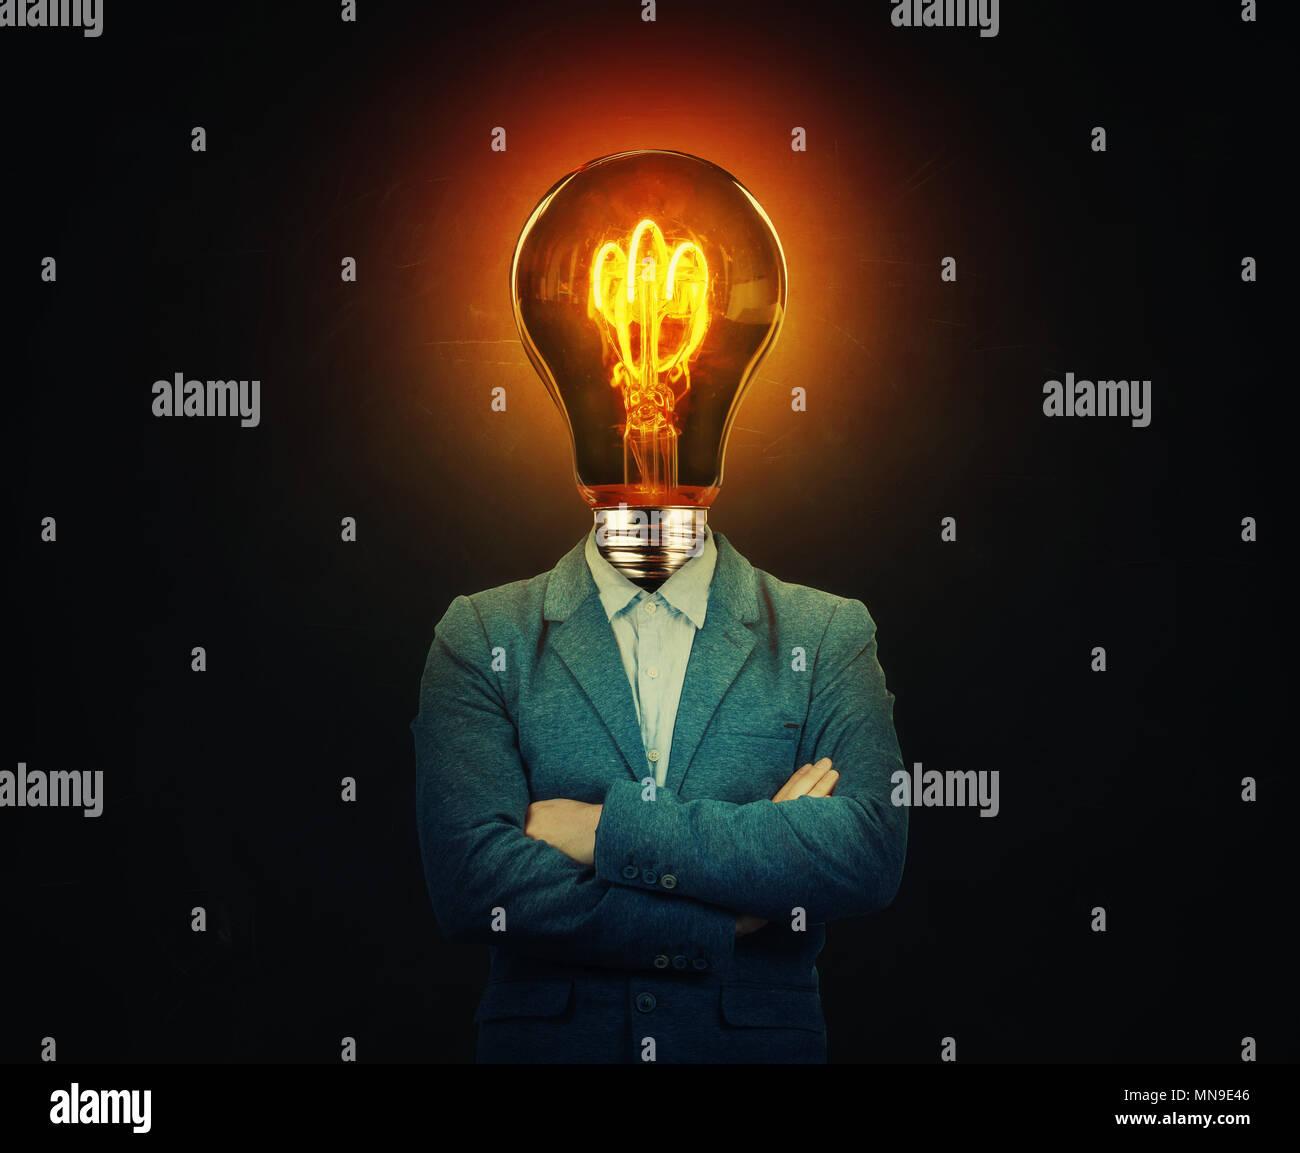 Surreale Bild als seriöser Geschäftsmann mit einer Glühbirne anstelle von seinem Kopf mit gekreuzten Händen über schwarzen Hintergrund. Geschäftsidee und Kreativität Symbol. Stockbild